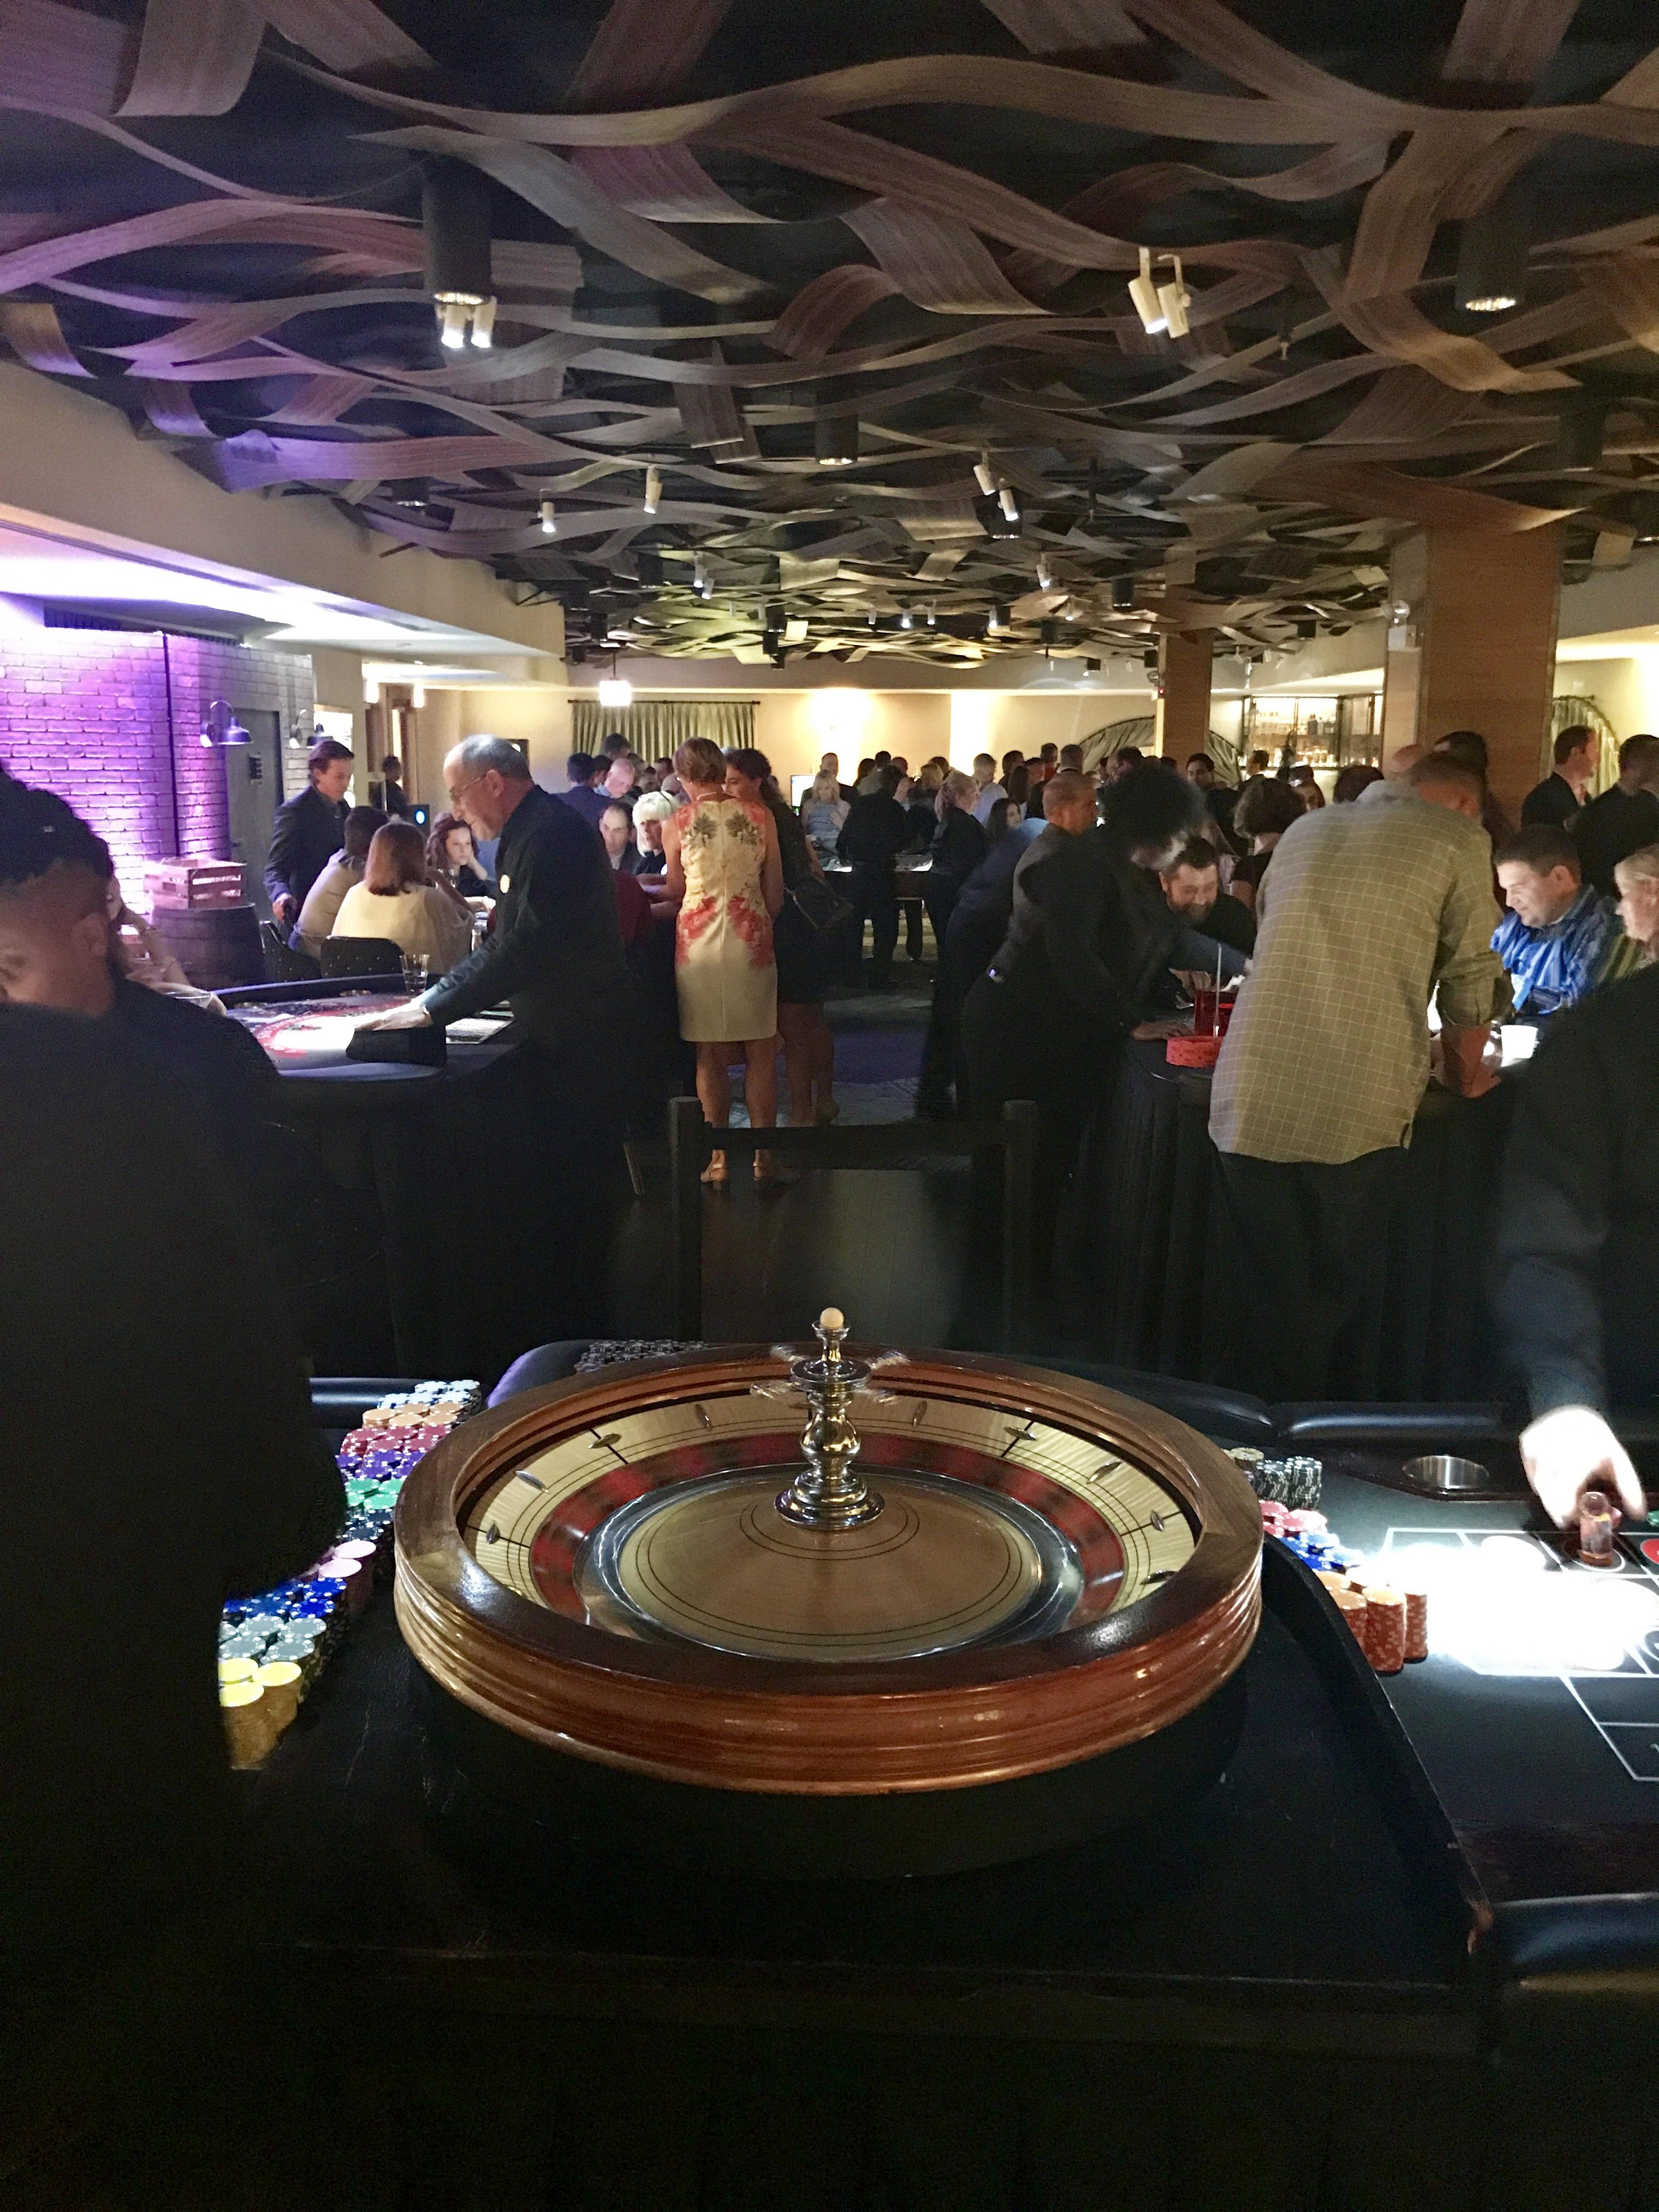 Arizona poker tournament 2013